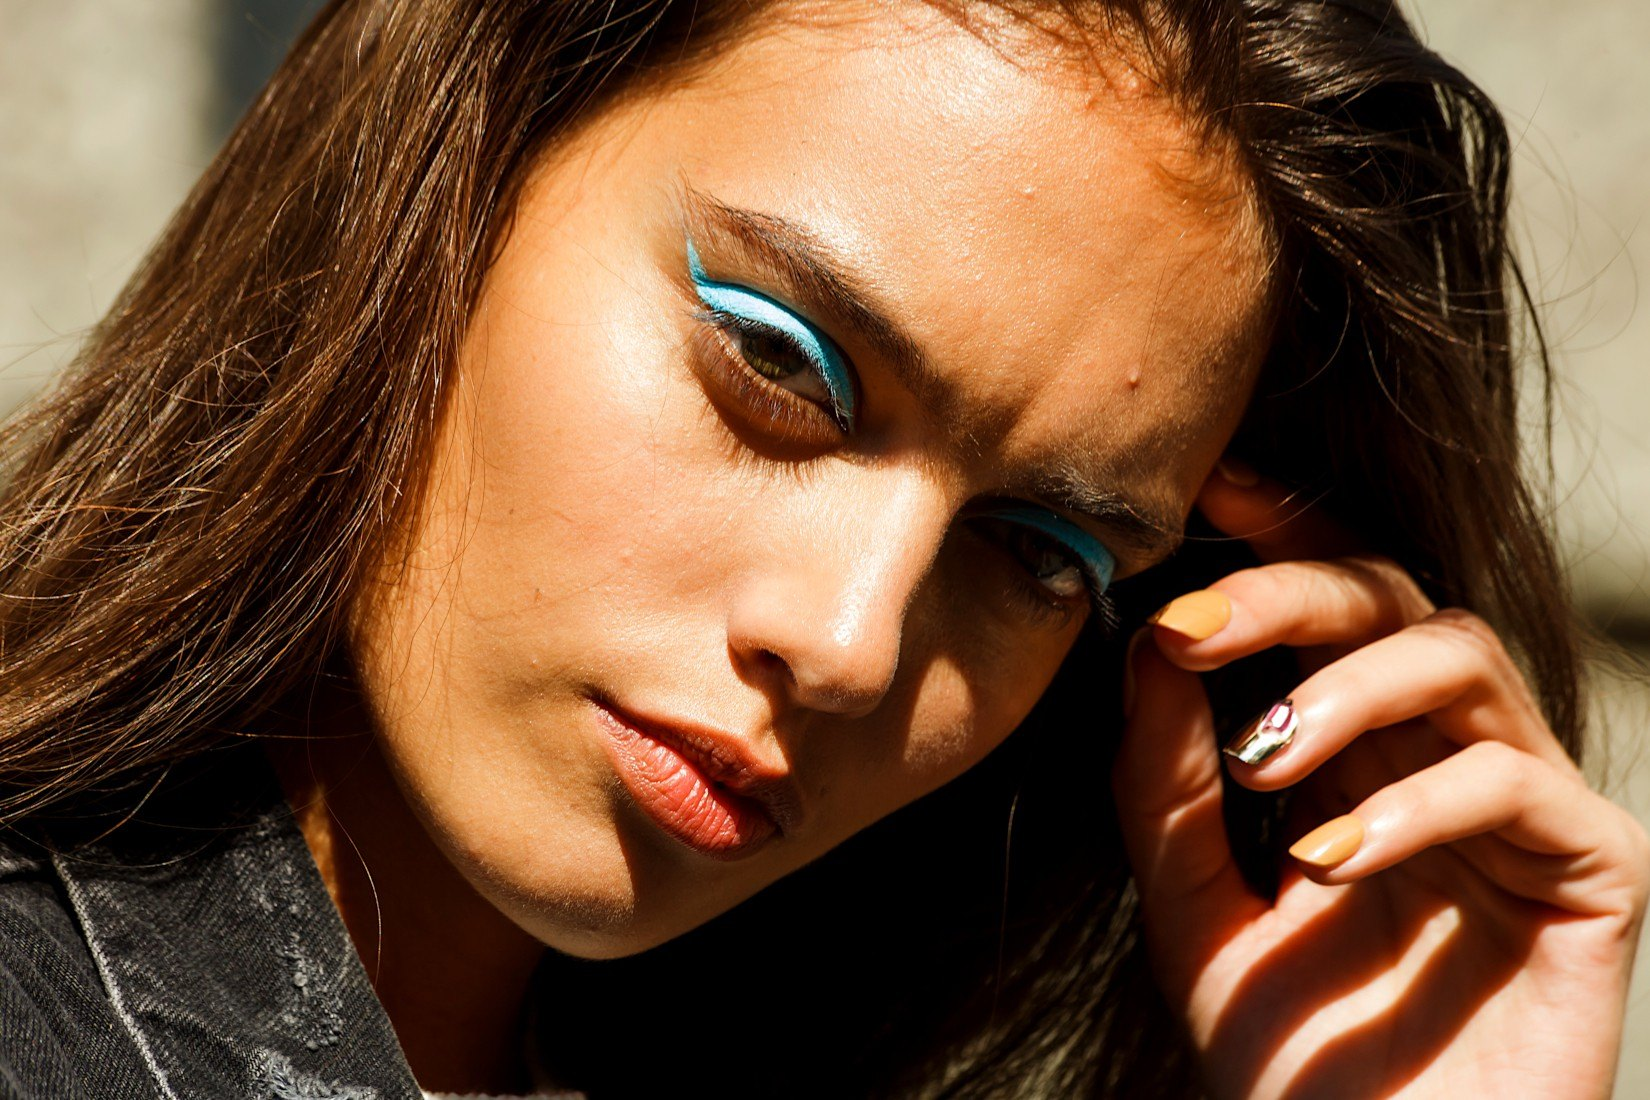 L'eyeliner coloré: la touche tendance en maquillage